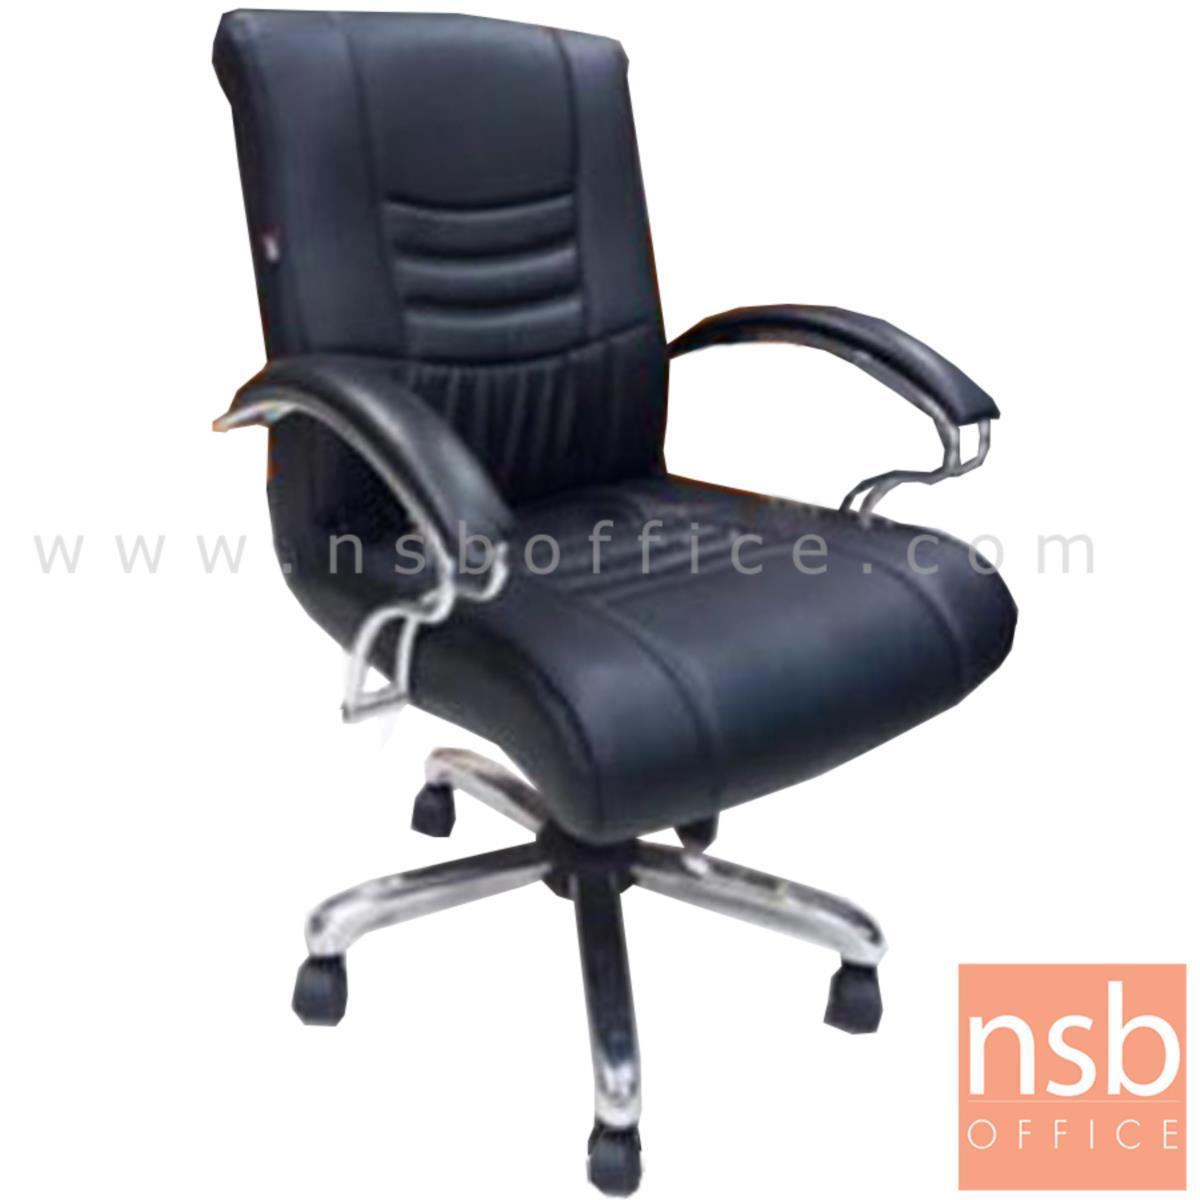 B03A437:เก้าอี้สำนักงาน รุ่น WSKM  โช๊คแก๊ส มีก้อนโยก ขาเหล็กชุบโครเมี่ยม